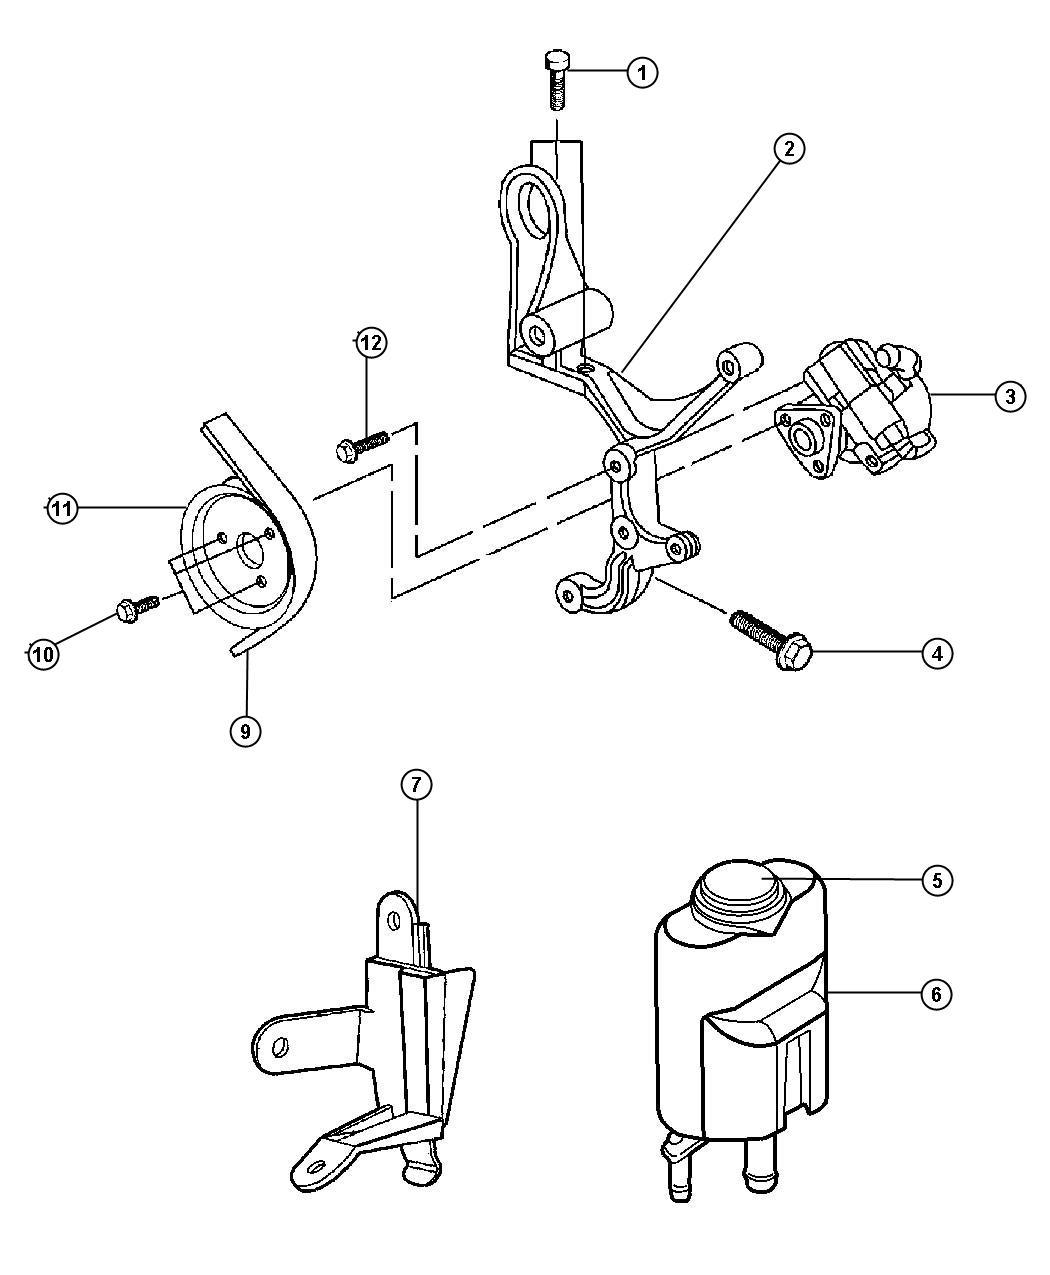 Chrysler Sebring Reservoir Power Steering Fluid